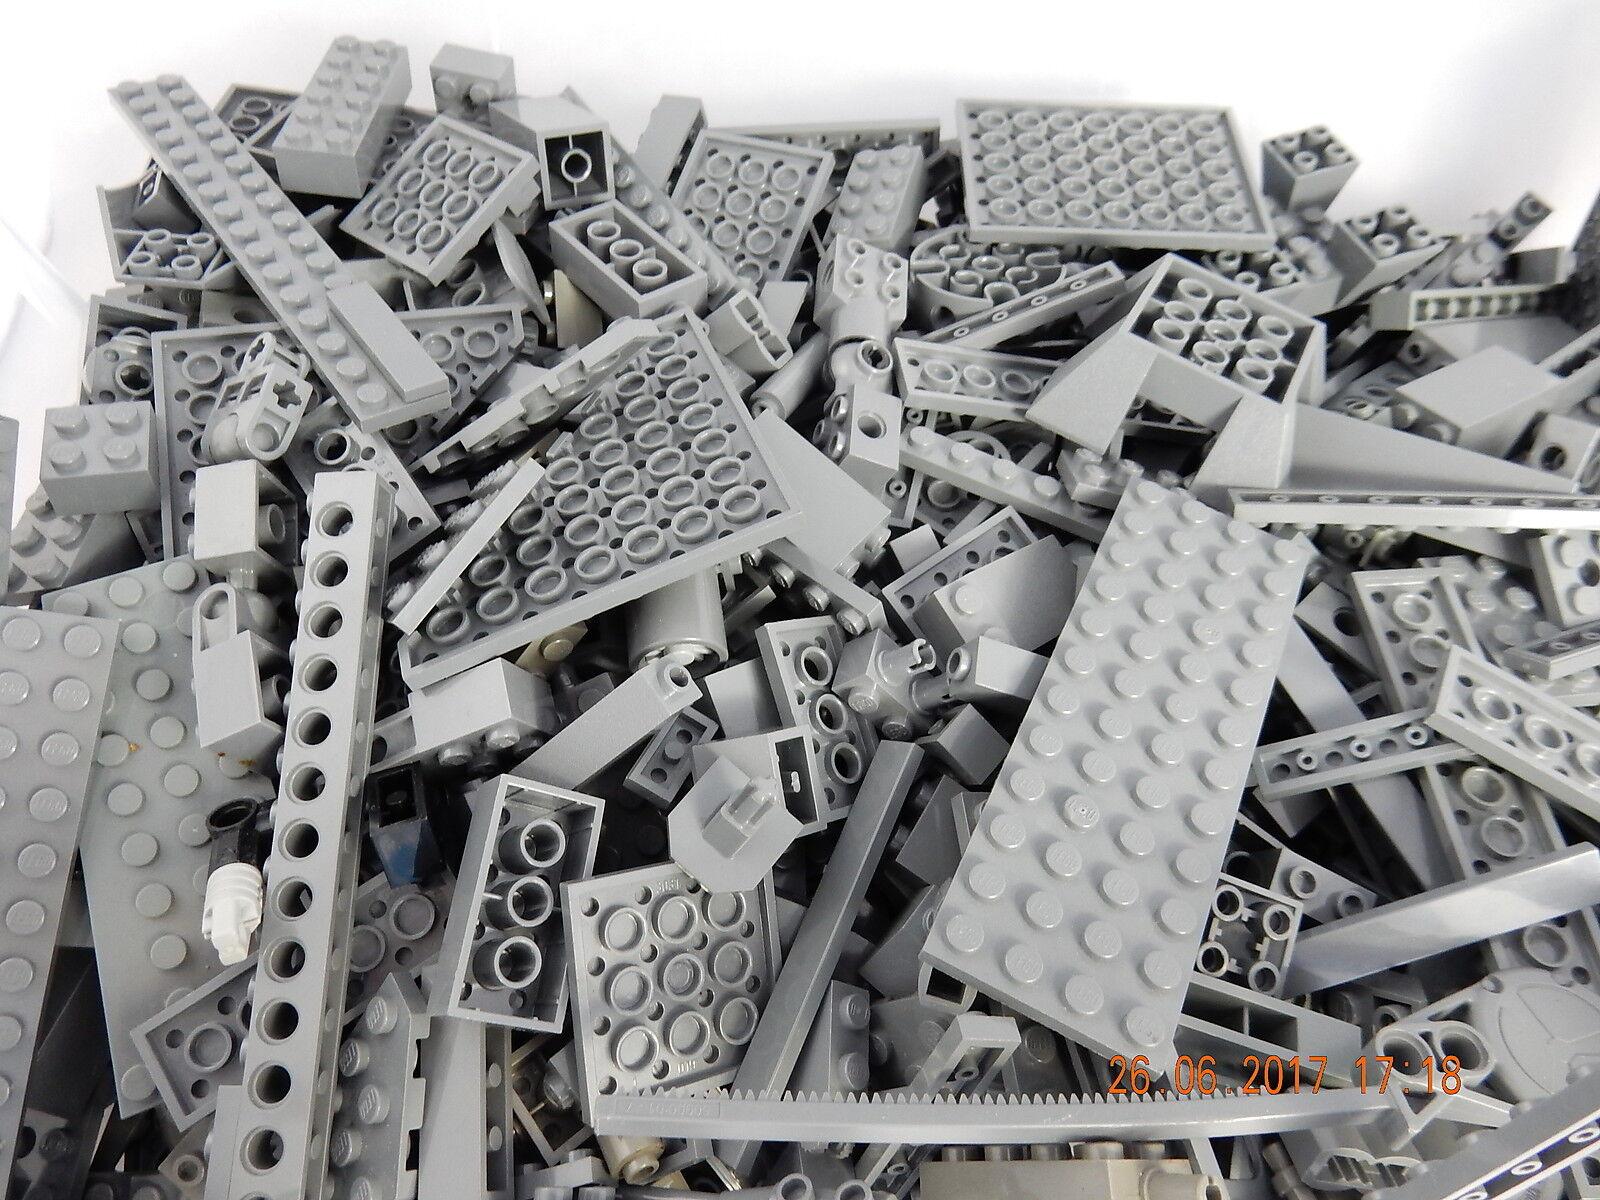 Lego 1 kg graue Bausteine Sondersteine Star Wars Teile Platten hellgrau dunkelgr